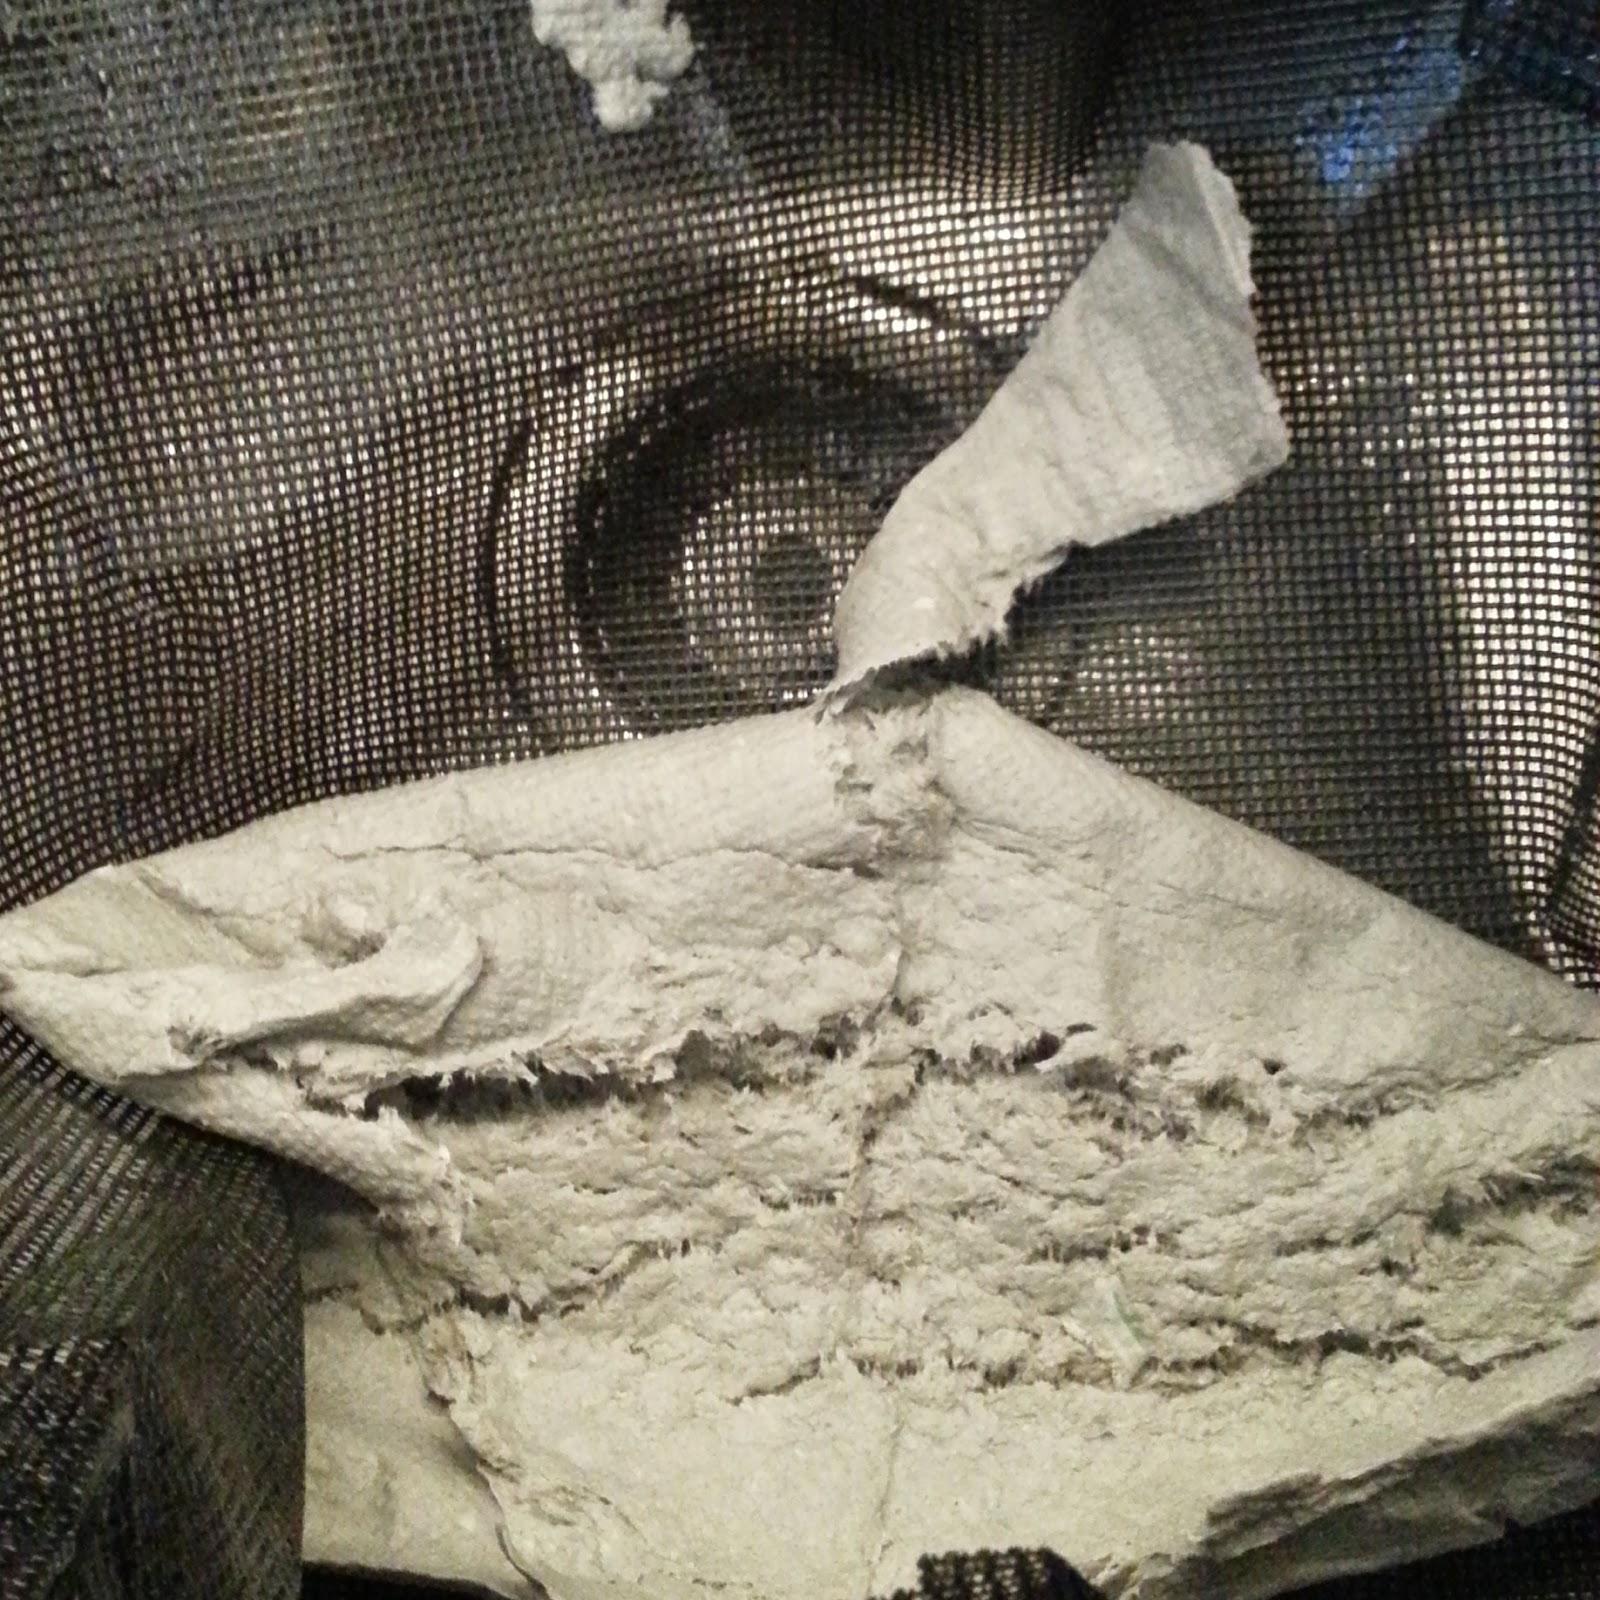 gras van jonker Papierpulppret # Wasbak Zeefje_223726